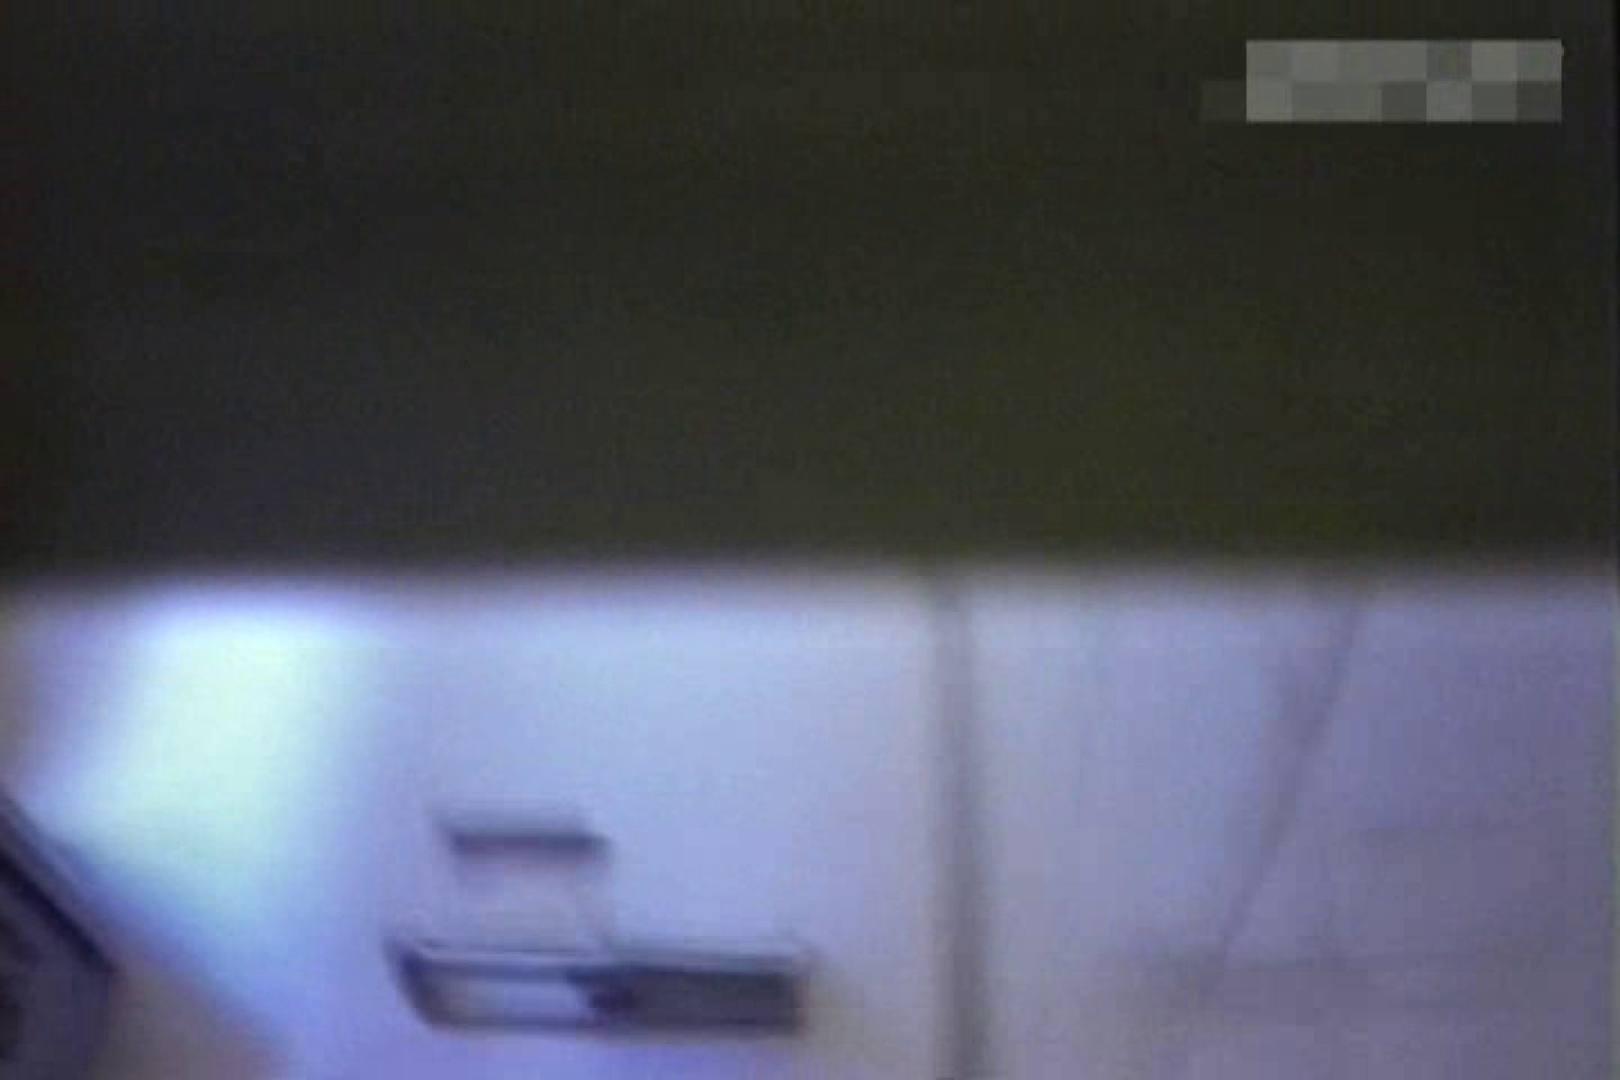 個室狂いのマニア映像Vol.2 OLヌード天国   ギャル  77PIX 57